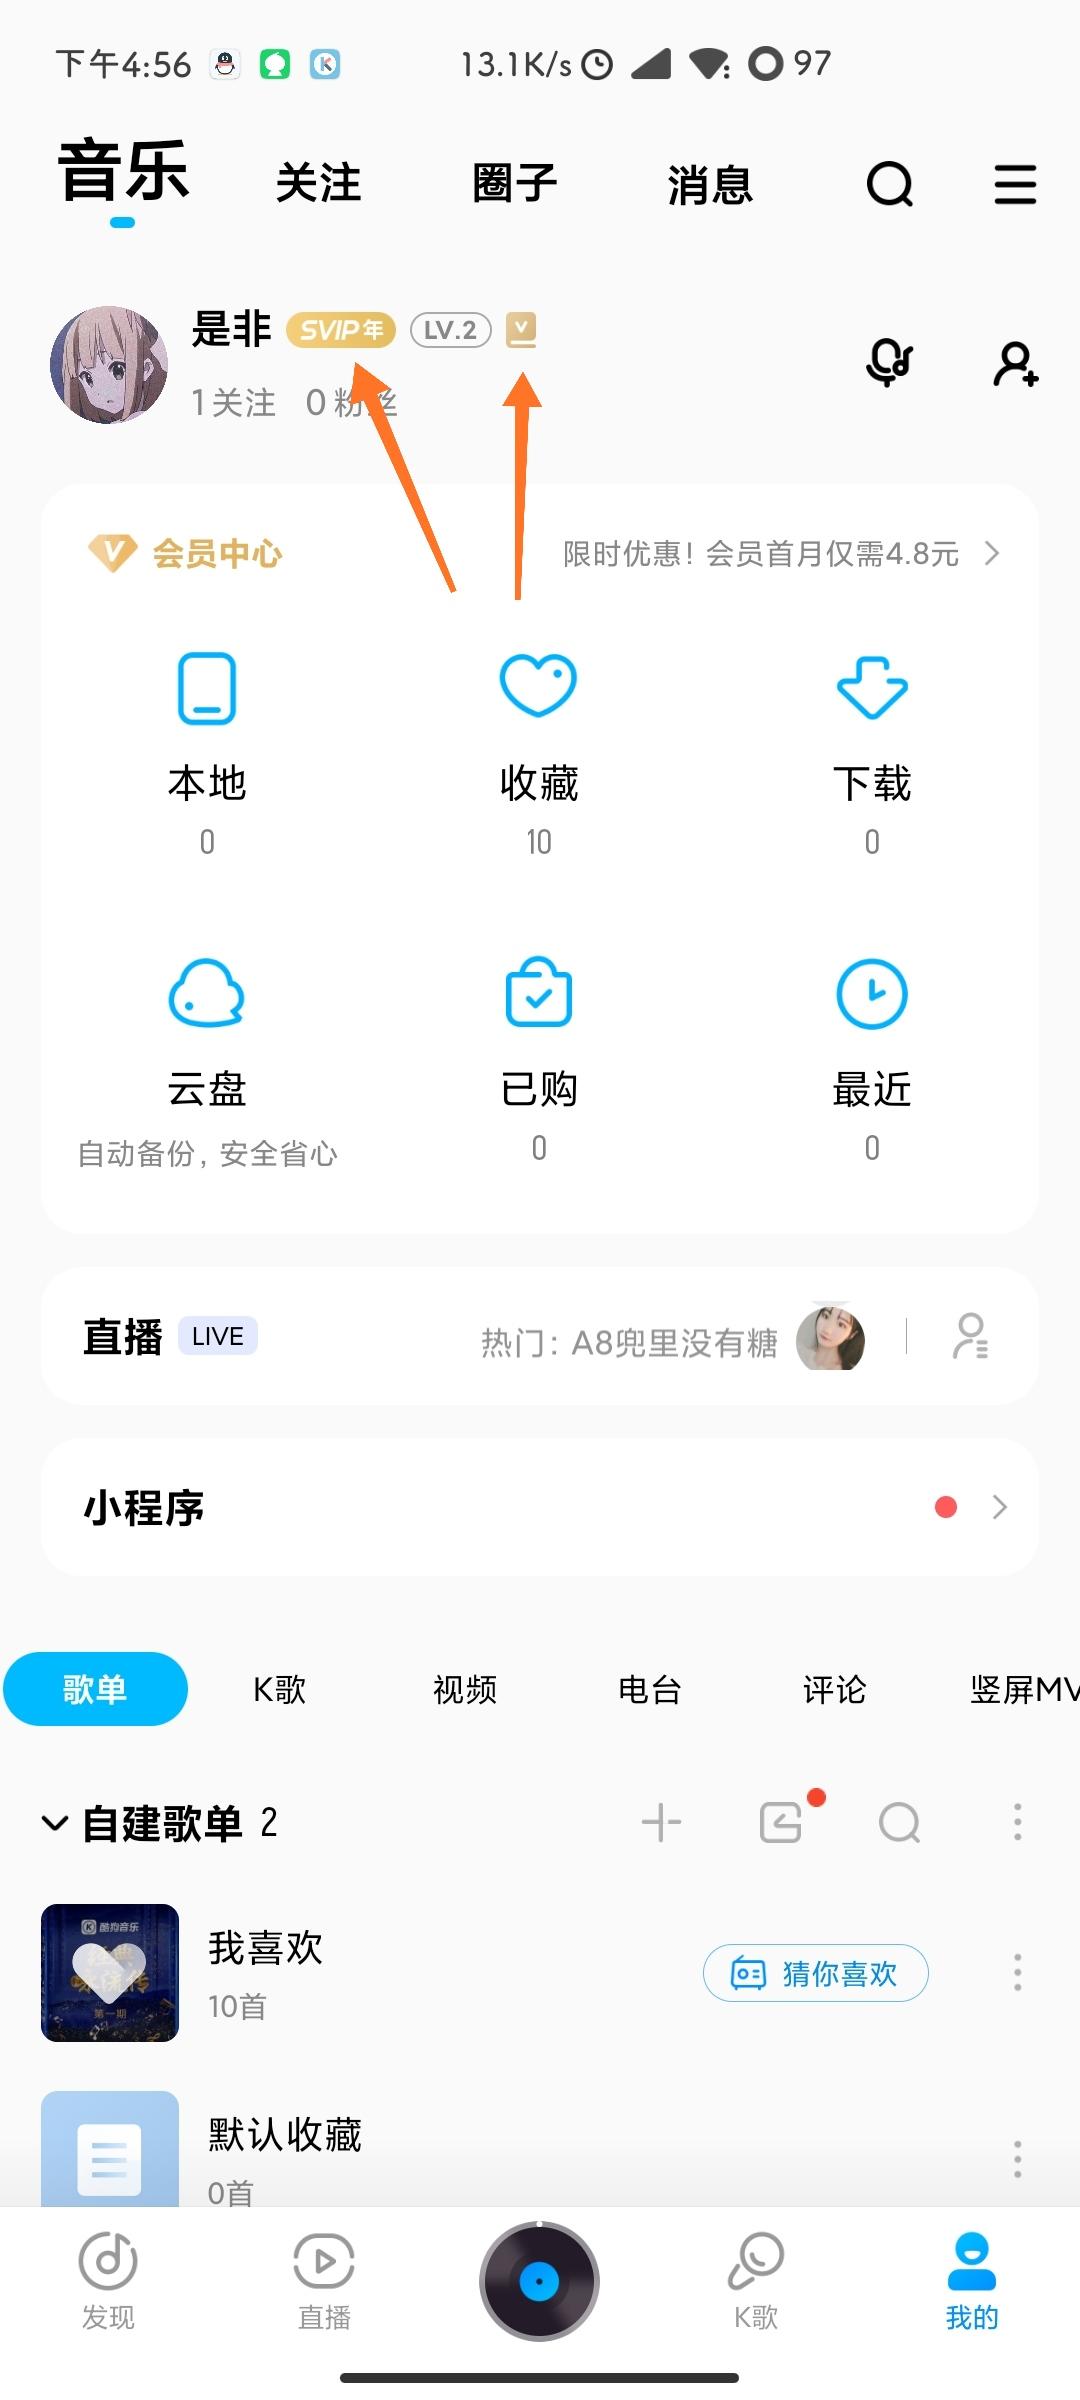 酷狗音乐v10.2.8最新破解版修改版VIP/官方最新年费VIP